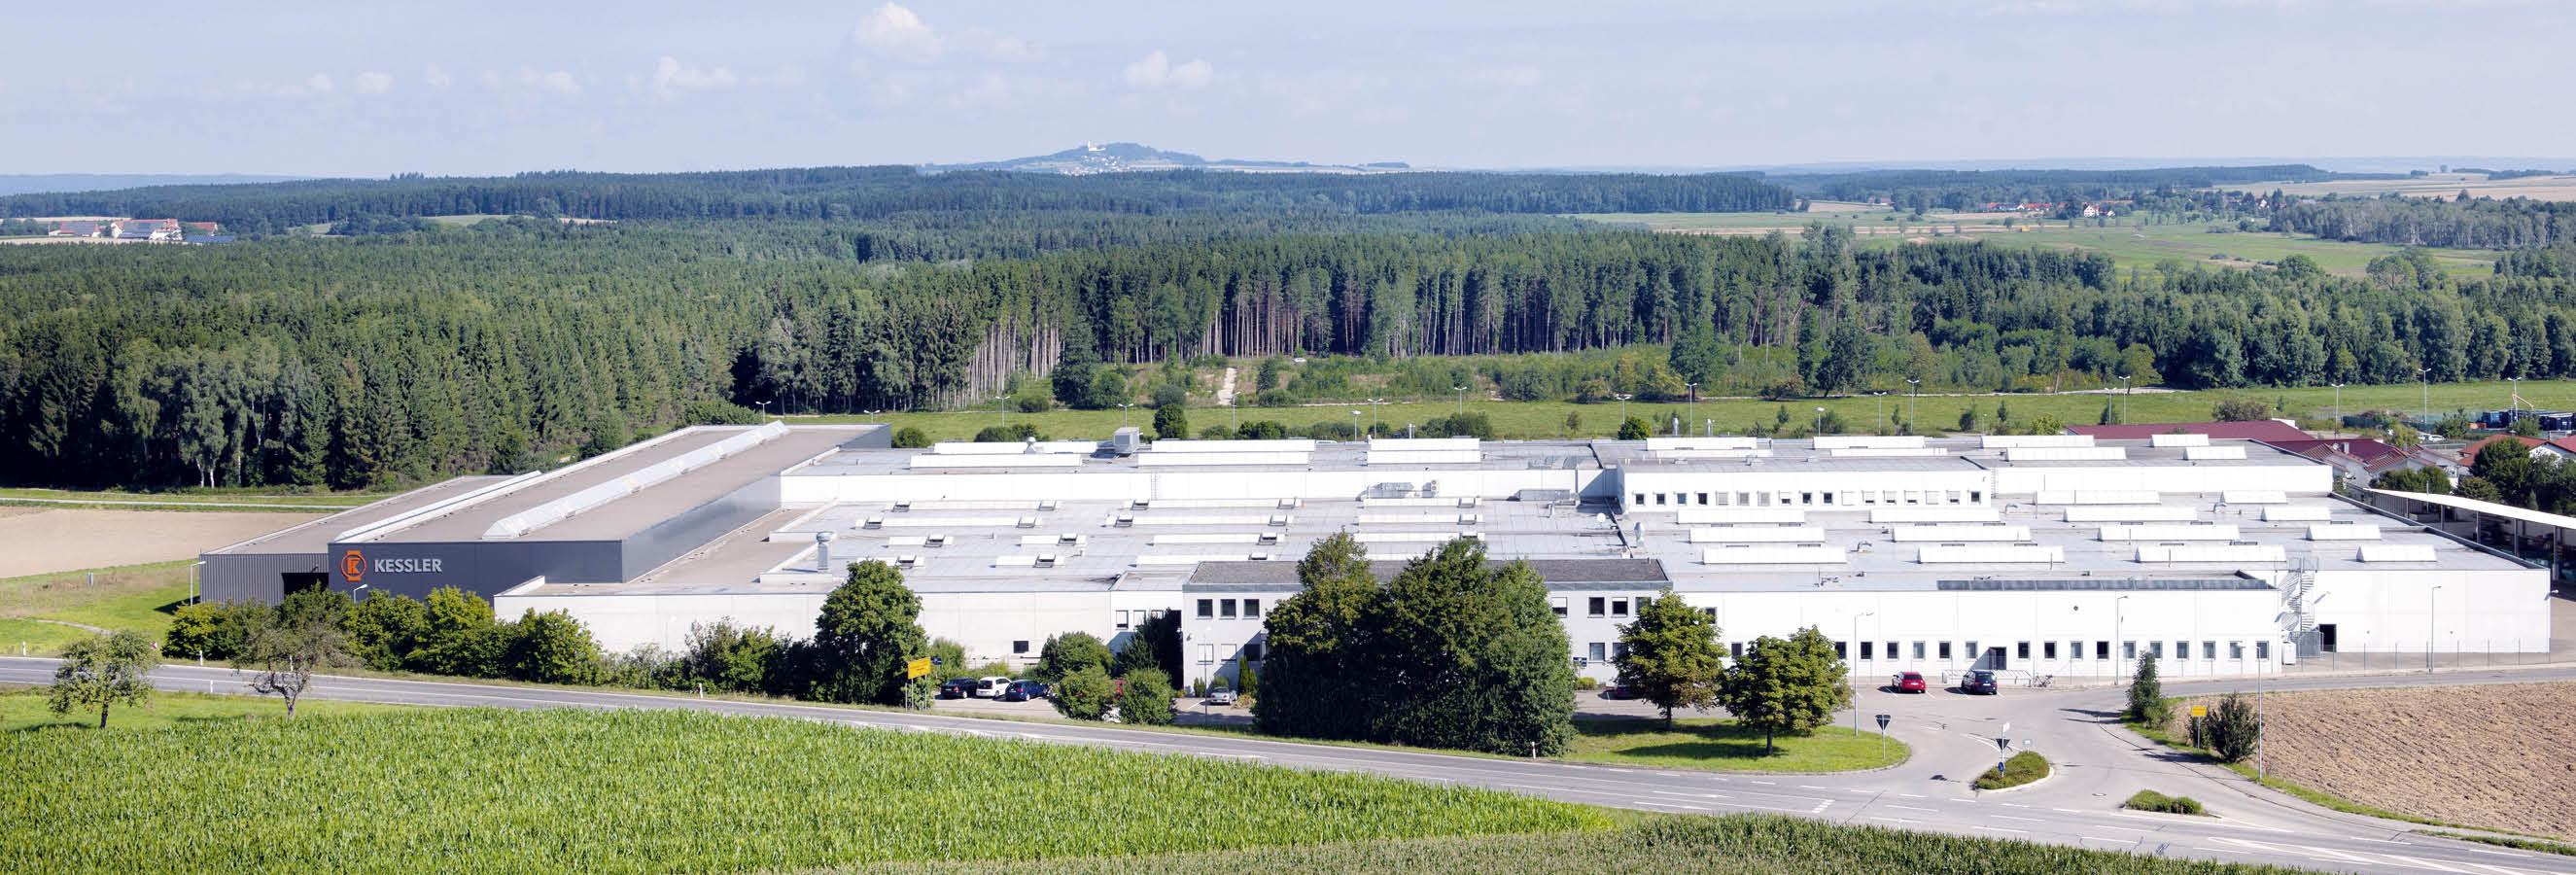 Franz Kessler GmbH, Deutschland, Bad Buchau